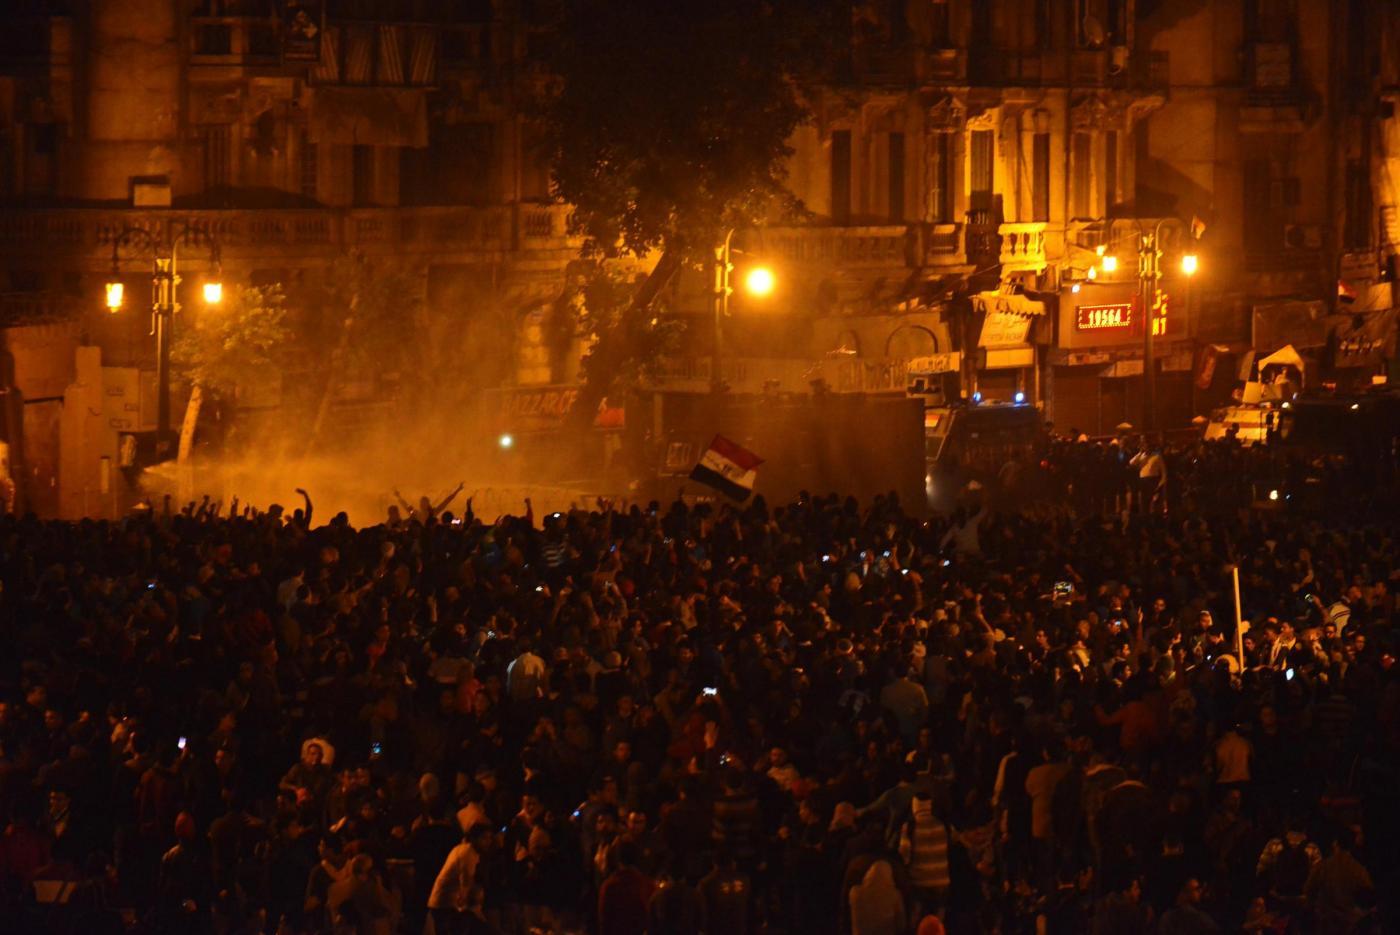 Egitto: Mubarak prosciolto dalle accuse per i fatti del 2011, scontri e morti in piazza Tahir